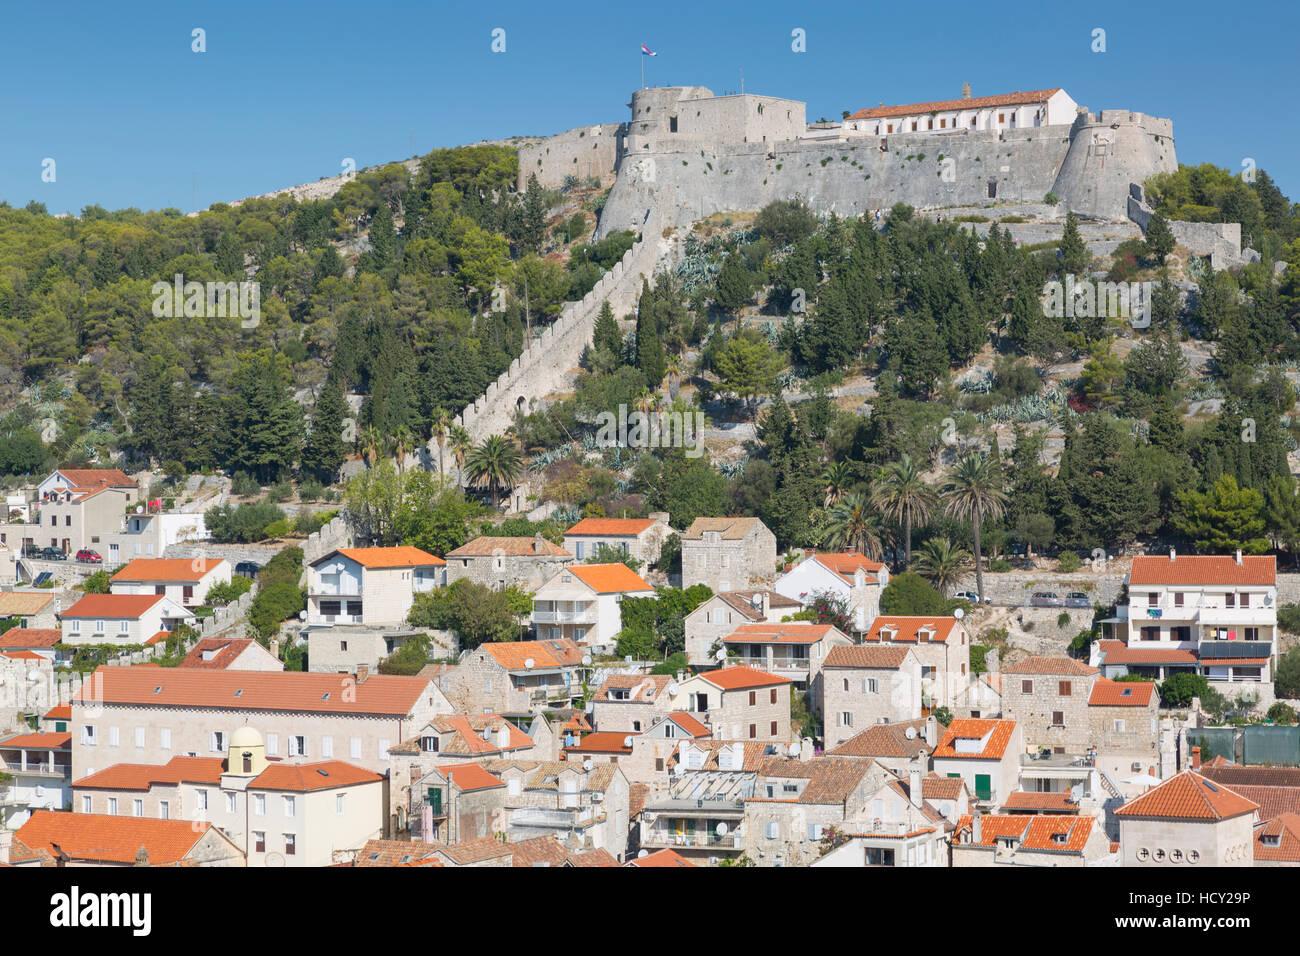 Vue sur la place principale de Hvar dominé par la forteresse espagnole, Hvar, île de Hvar, Dalmatie, Croatie Photo Stock